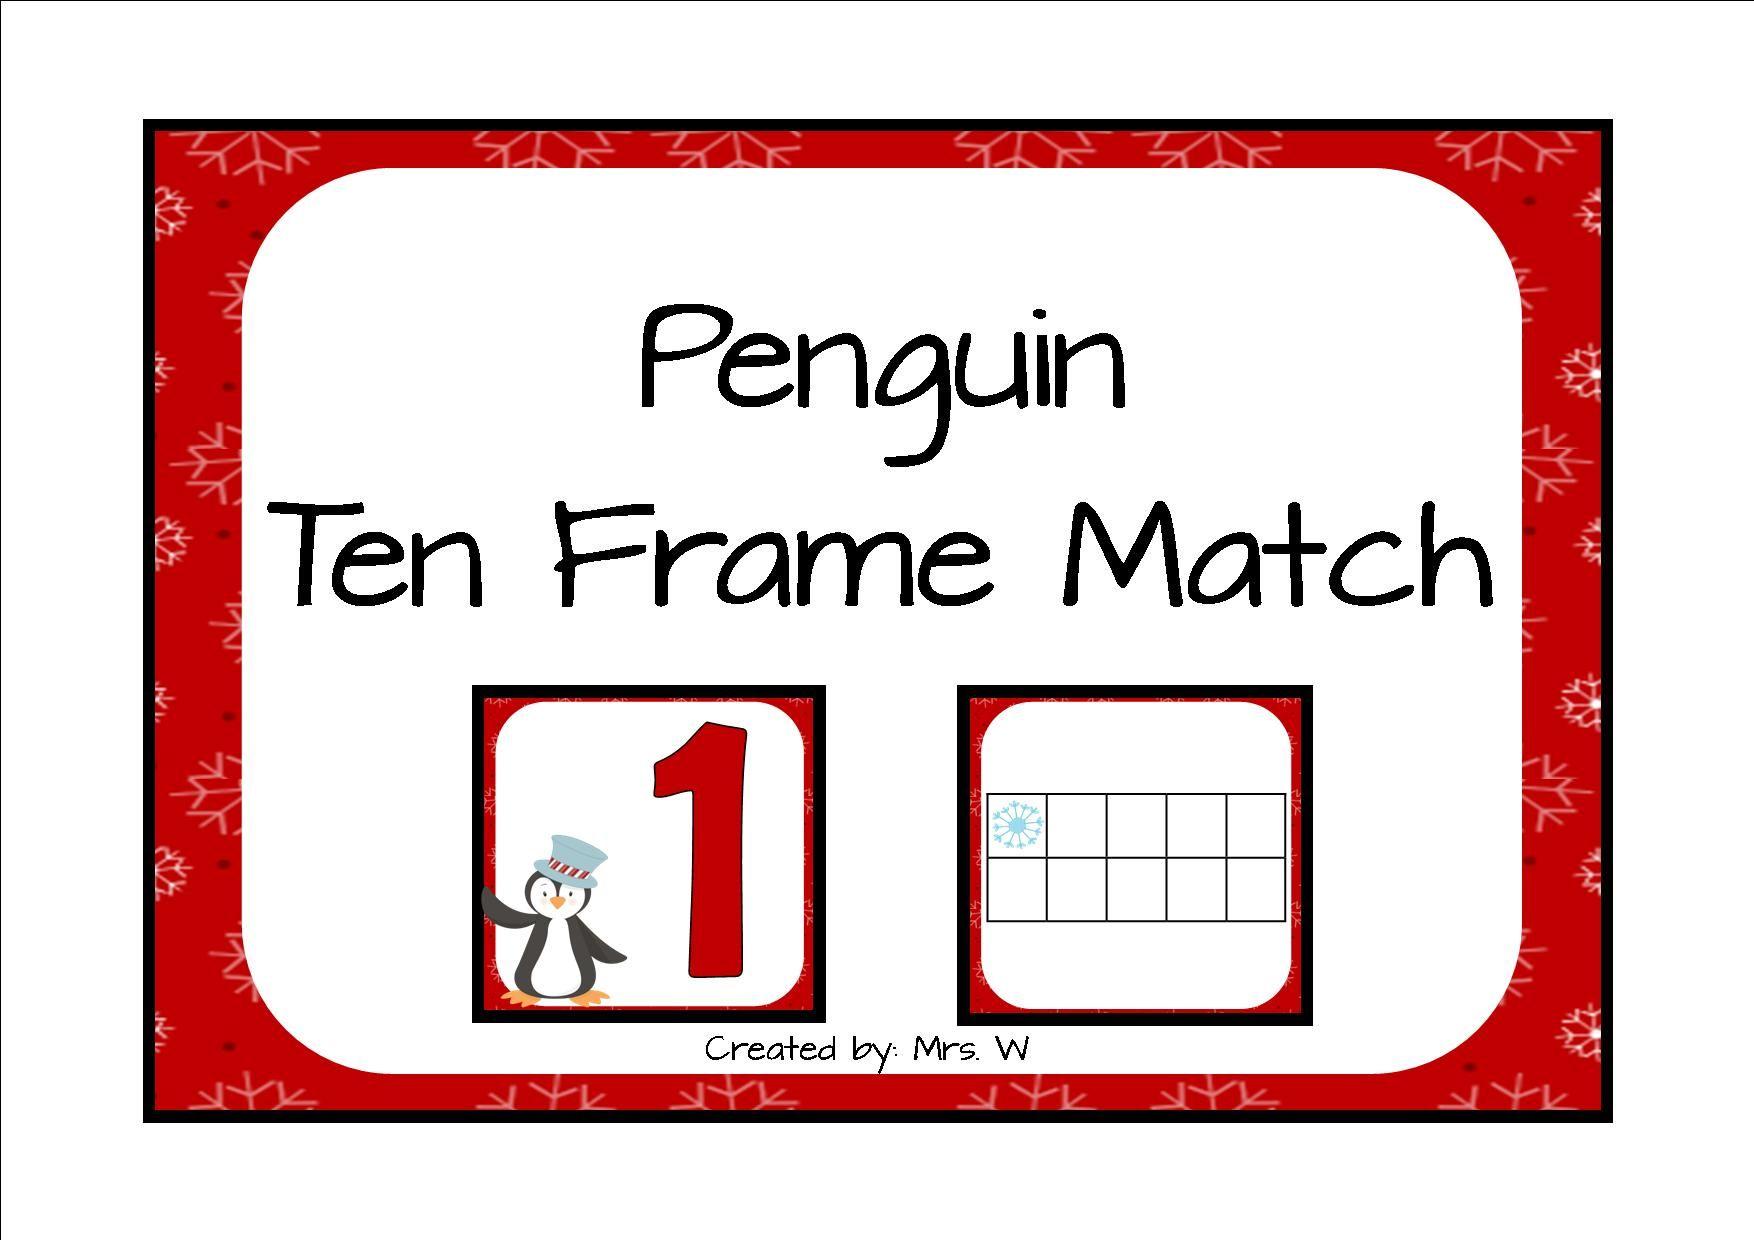 Penguin Ten Frame Match 1 20